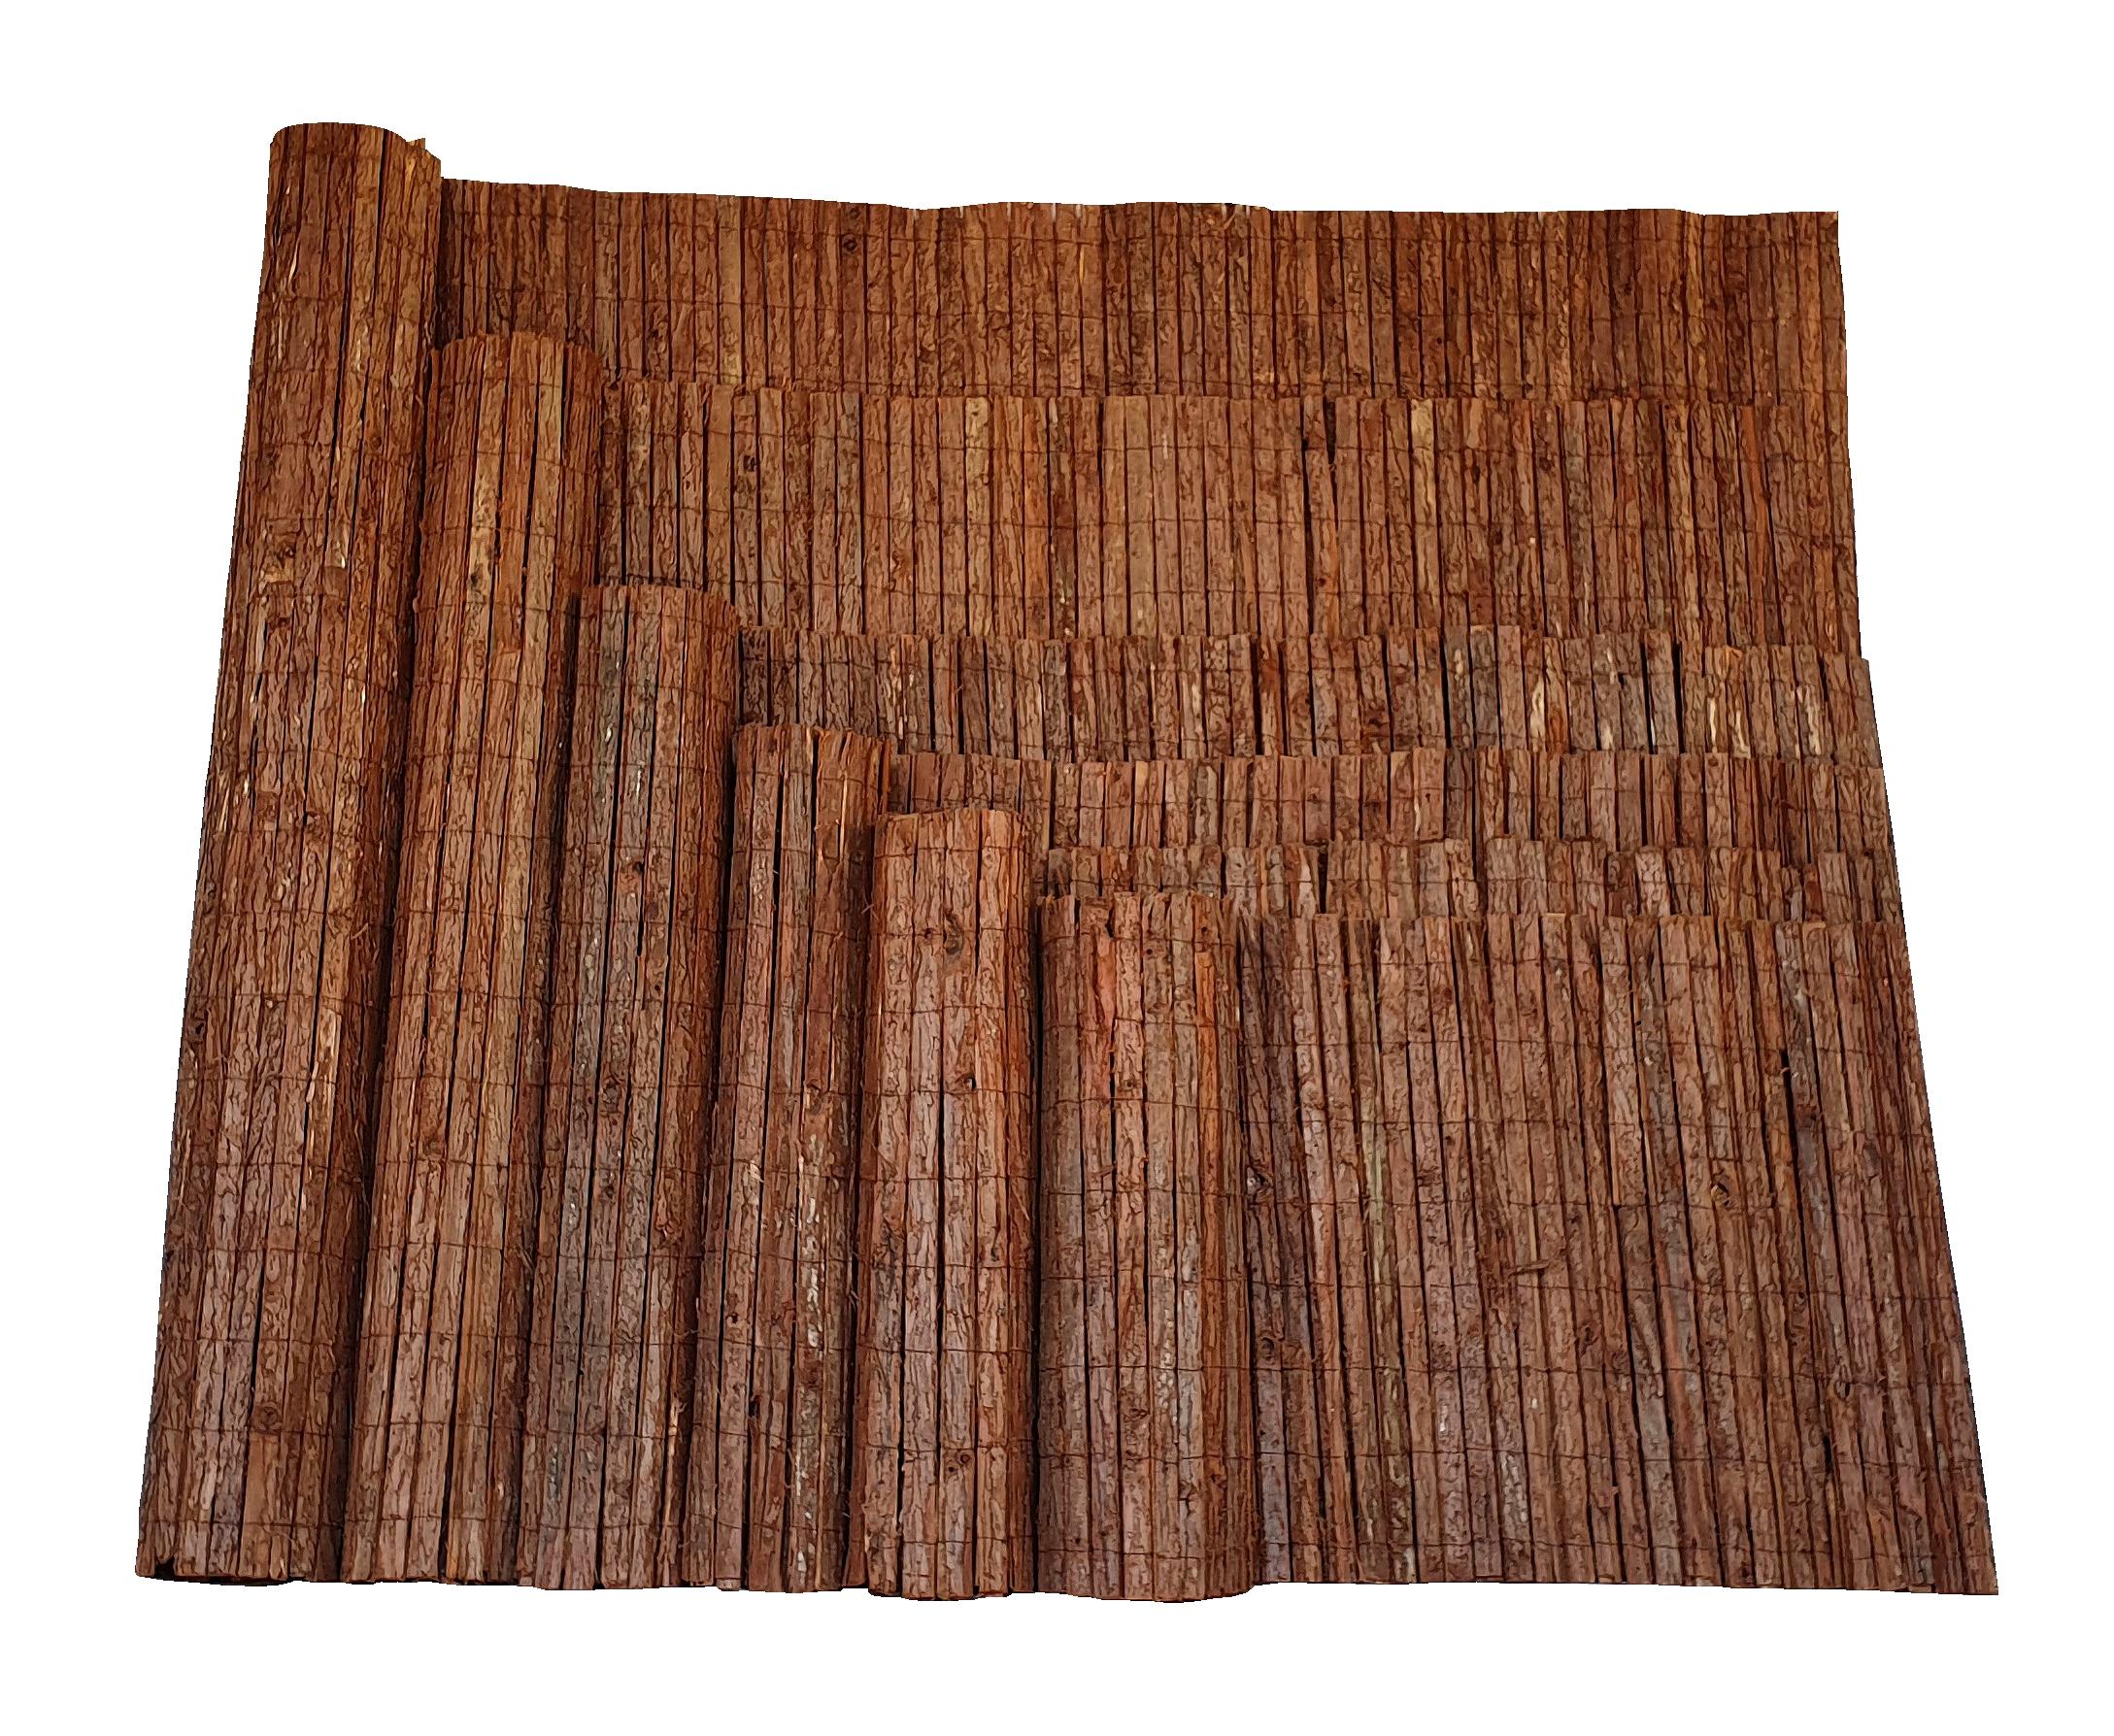 Rindenmatte Stabiler Sichtschutz Aus Baumrinde Nature Lounge24 De